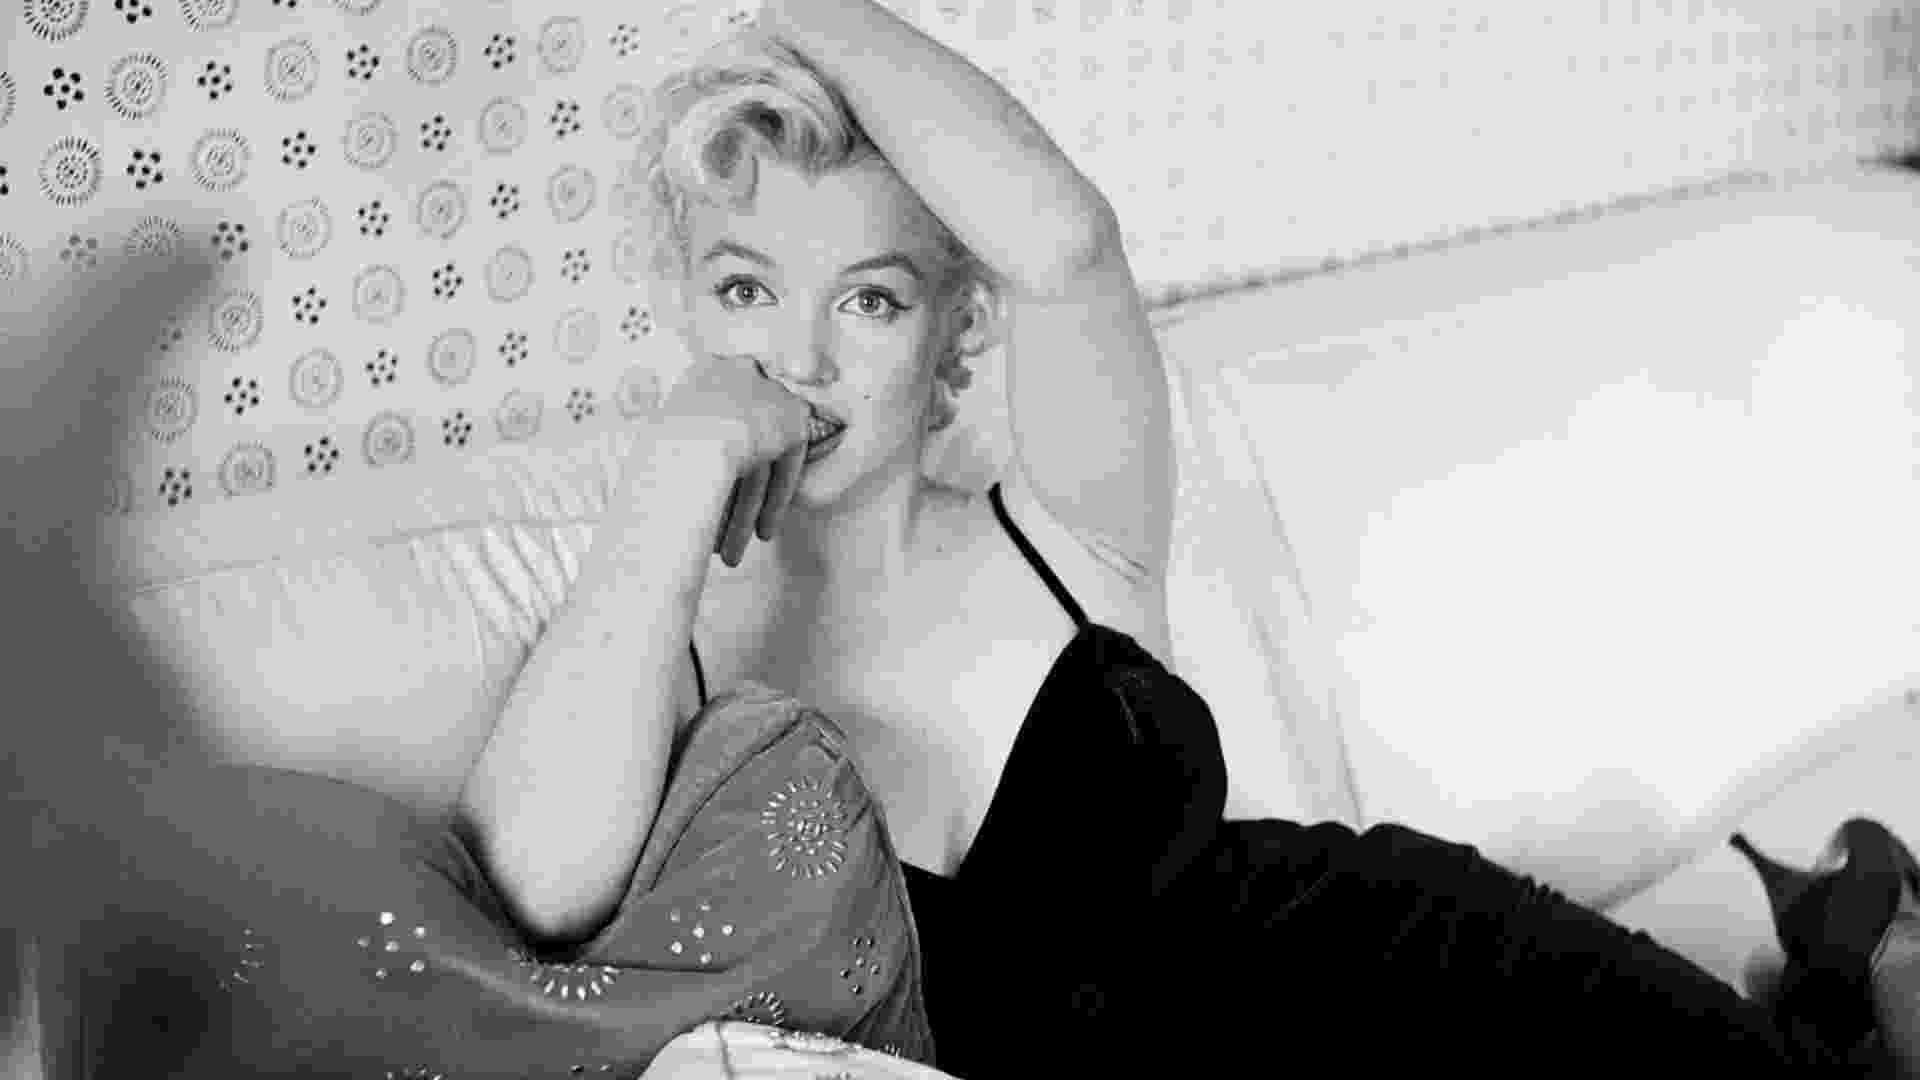 """Marilyn Monroe, nasceu Norma Jeane Mortenson, geminiana no dia 1º de junho de 1926 no hospital Los Angeles Count Hospital. A exposição """"Quero Ser Marilyn Monroe"""" entra em cartaz de 4 de março a 1º de abril na Cinemateca (Largo Senador Raul Cardoso, 207 - Vila Clementino - São Paulo). A exposição fica aberta das 10h às 22h (incluindo finais de semana) e a entrada é gratuita - Divulgação"""